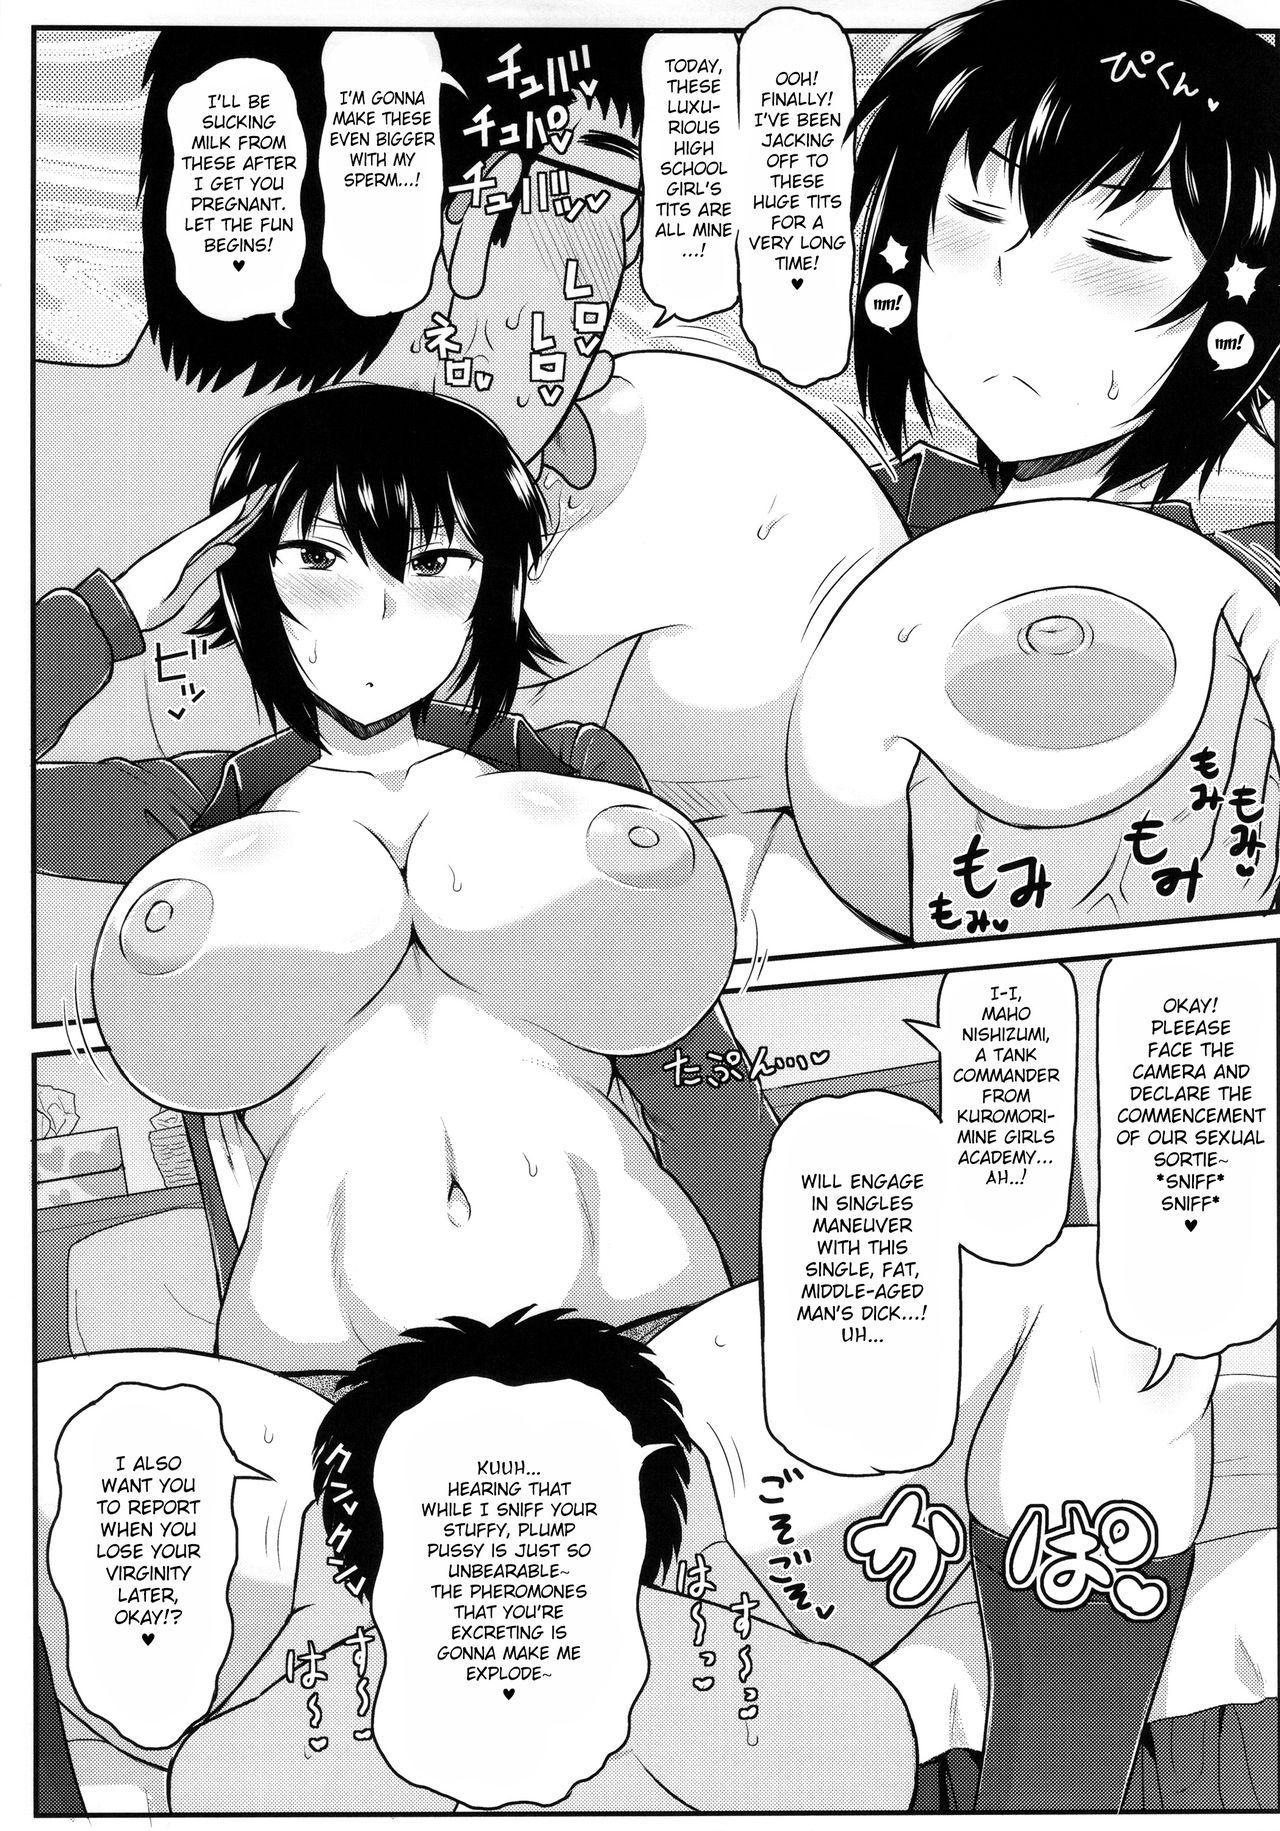 Girls & Semen 2 3